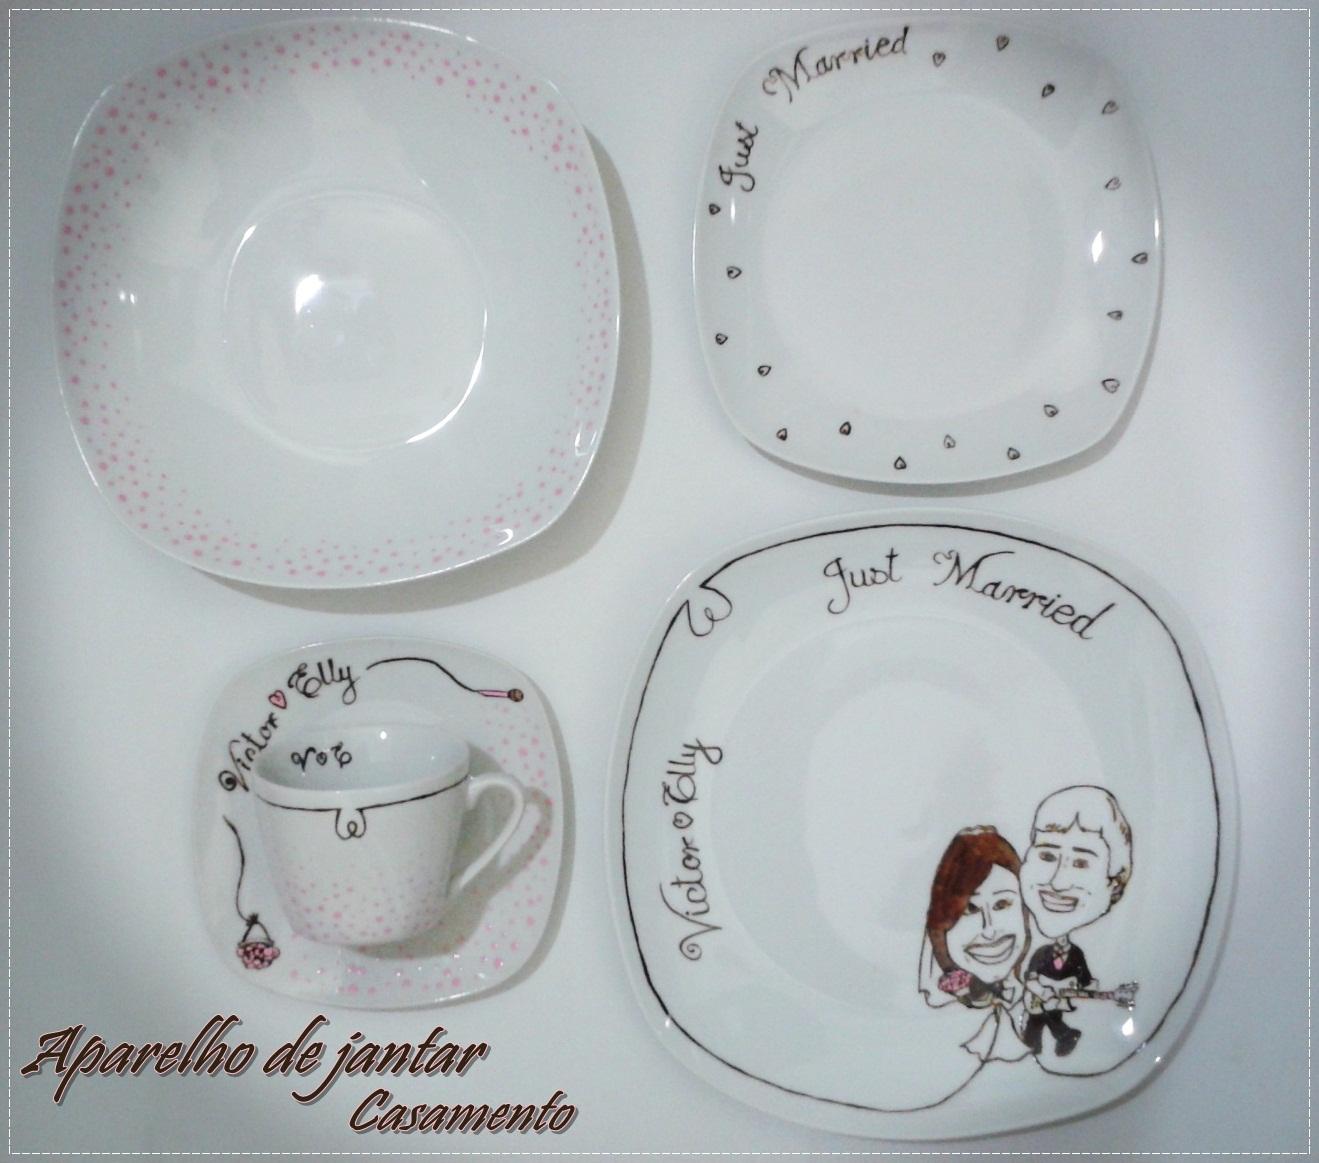 Aparelho de jantar 20 peças personalizado para presente de casamento  #60463D 1319x1163